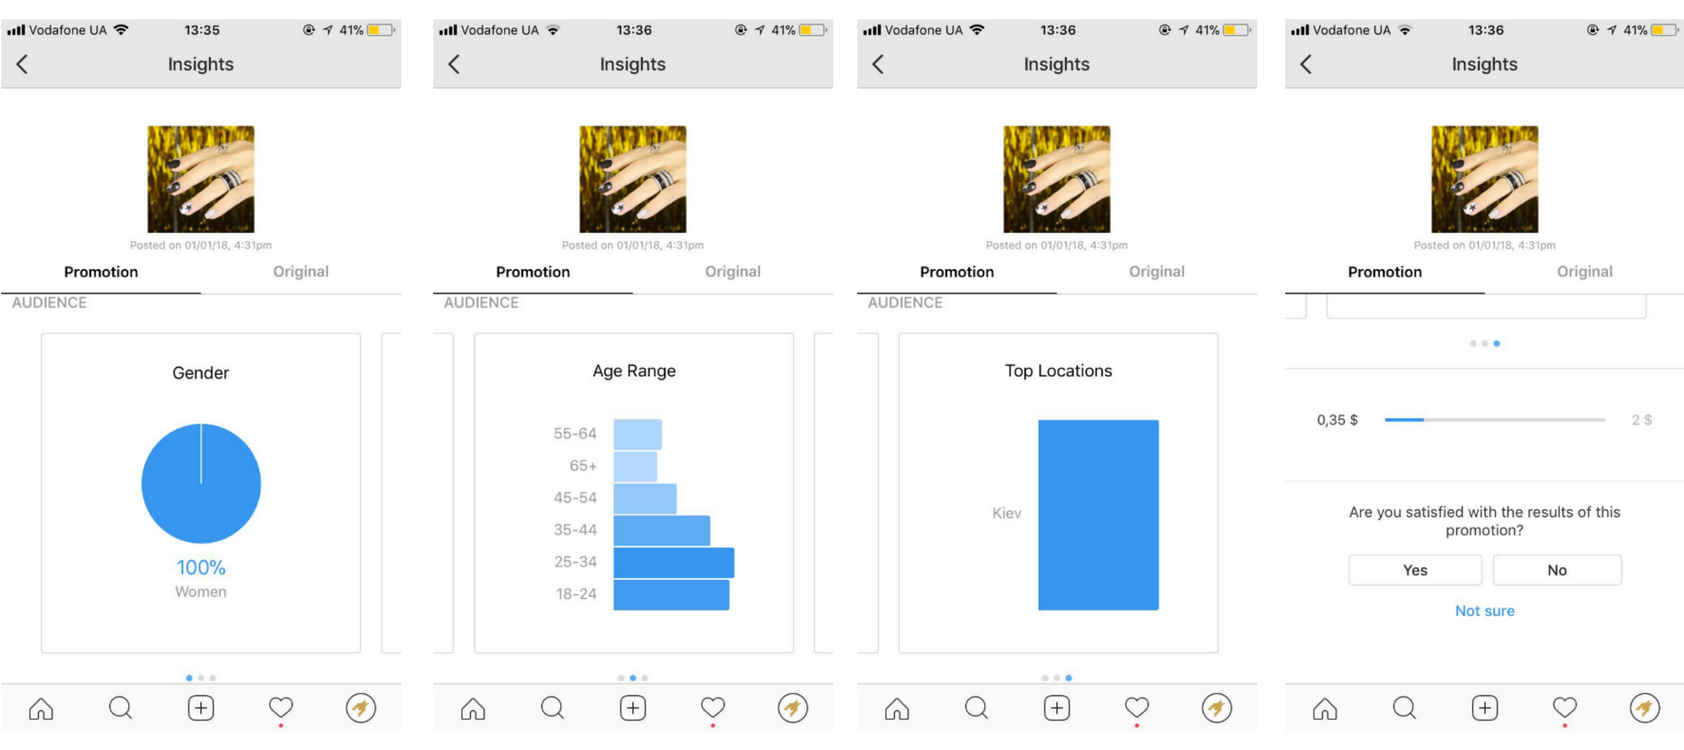 Как посмотреть статистику рекламных постов в Instagram